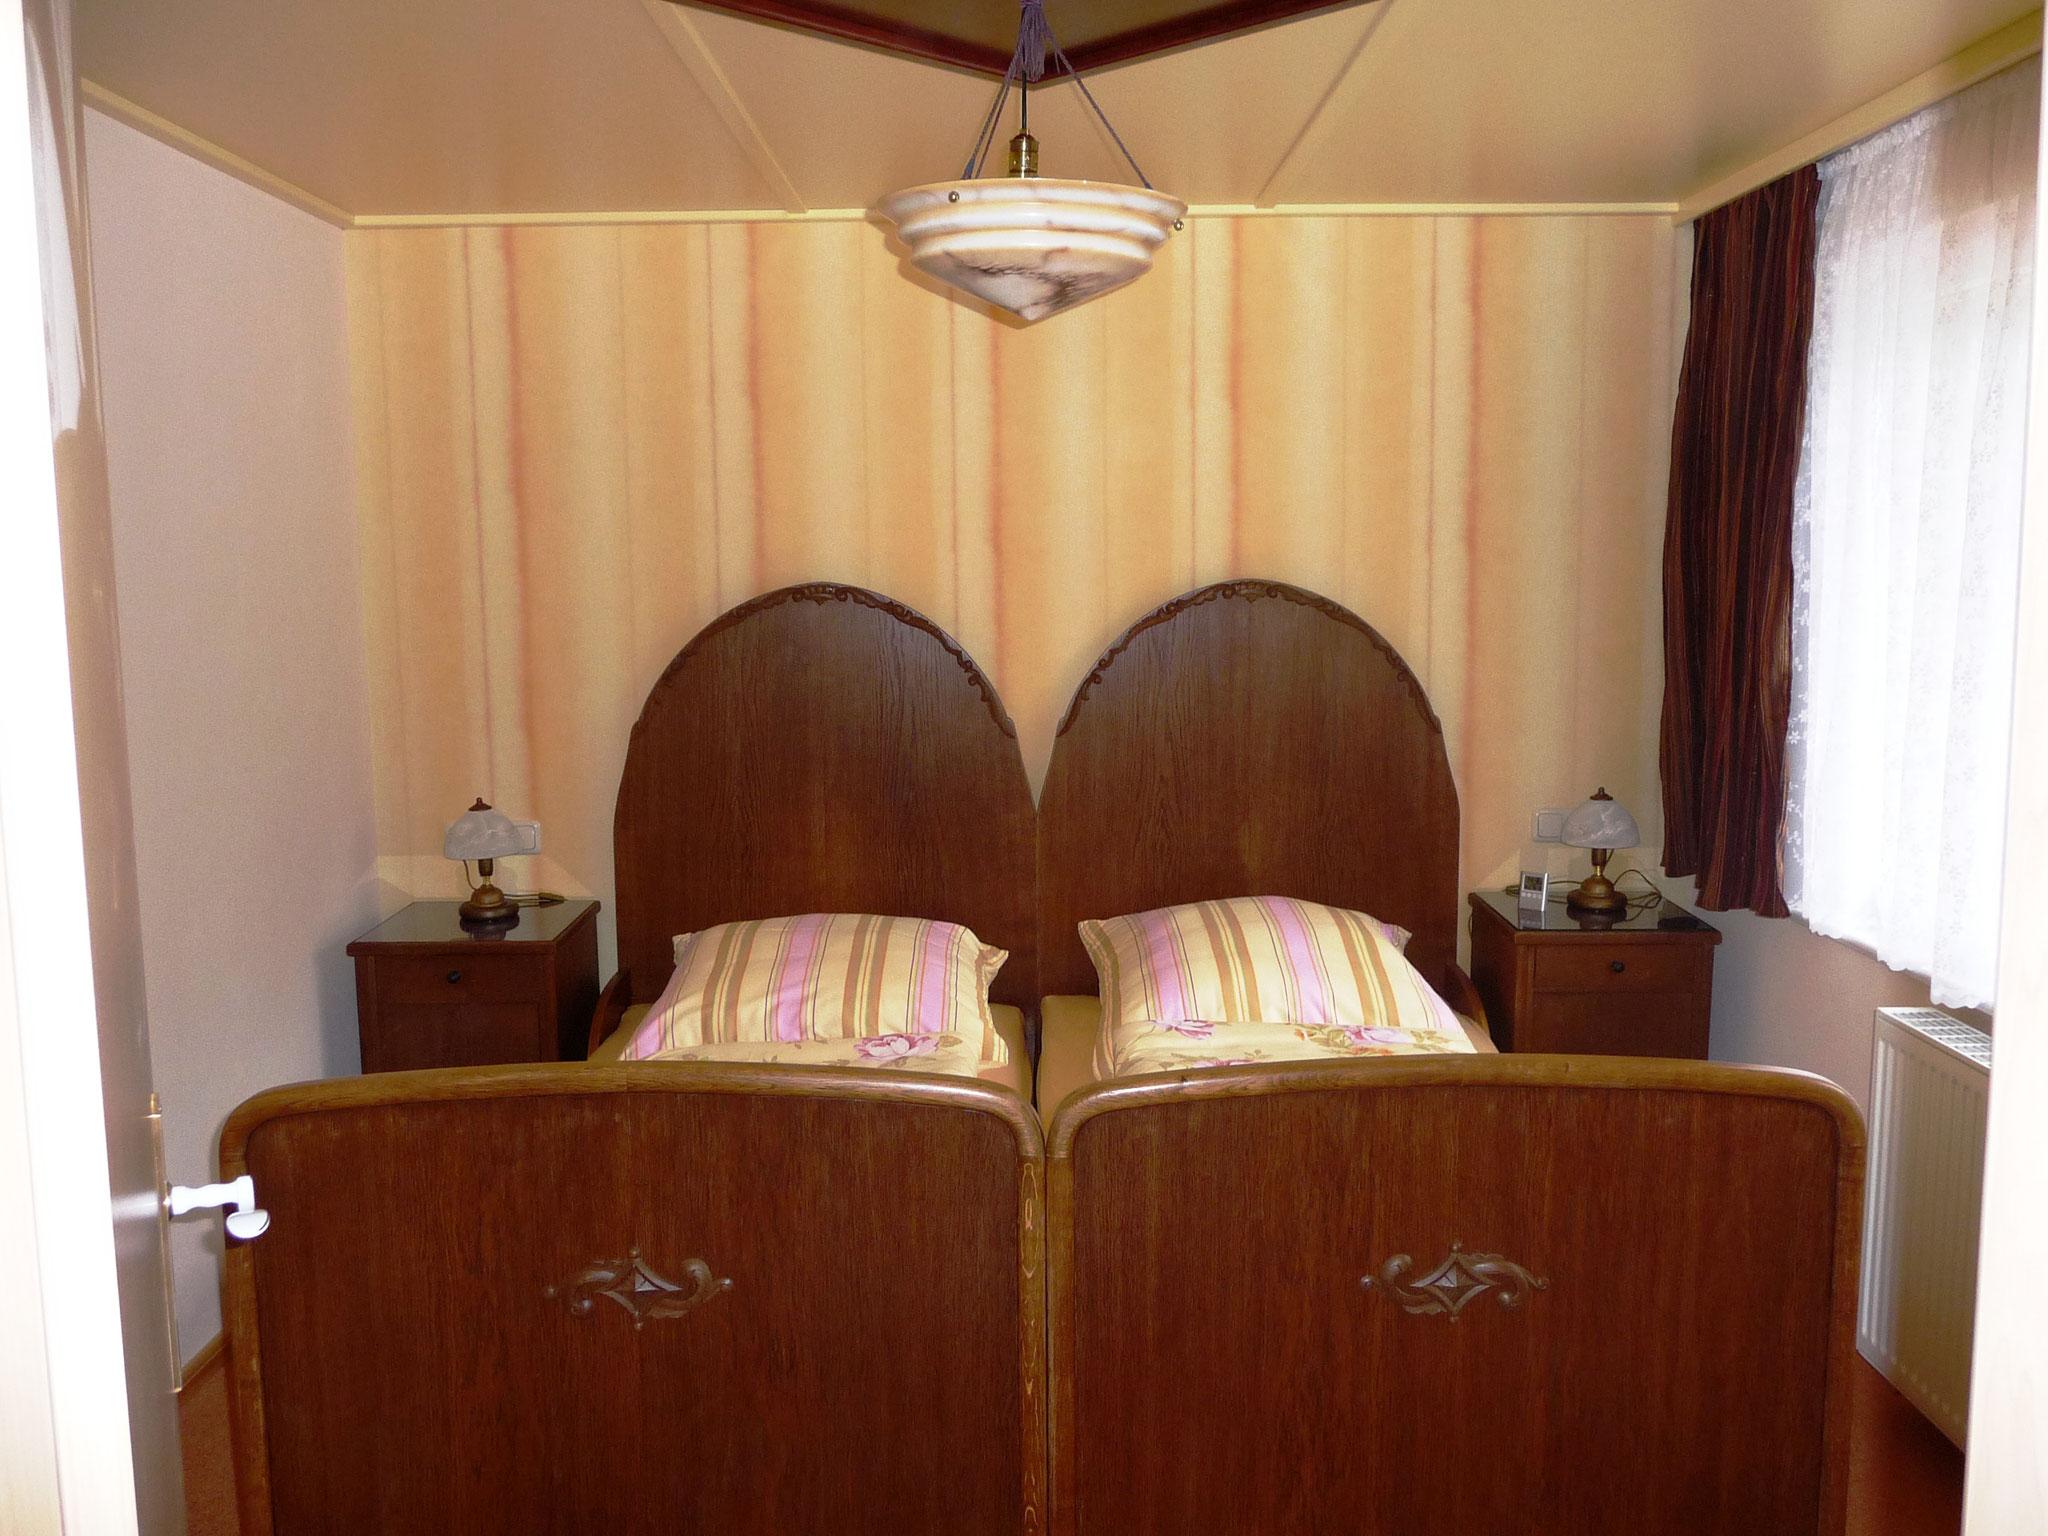 Ob Sie von den Erlebnissen des vergangenen Tages oder schon vom nächsten  Ausflug träumen, das liebevoll restaurierte Doppelbett aus der Zeit um 1890  lädt Sie dazu ein.